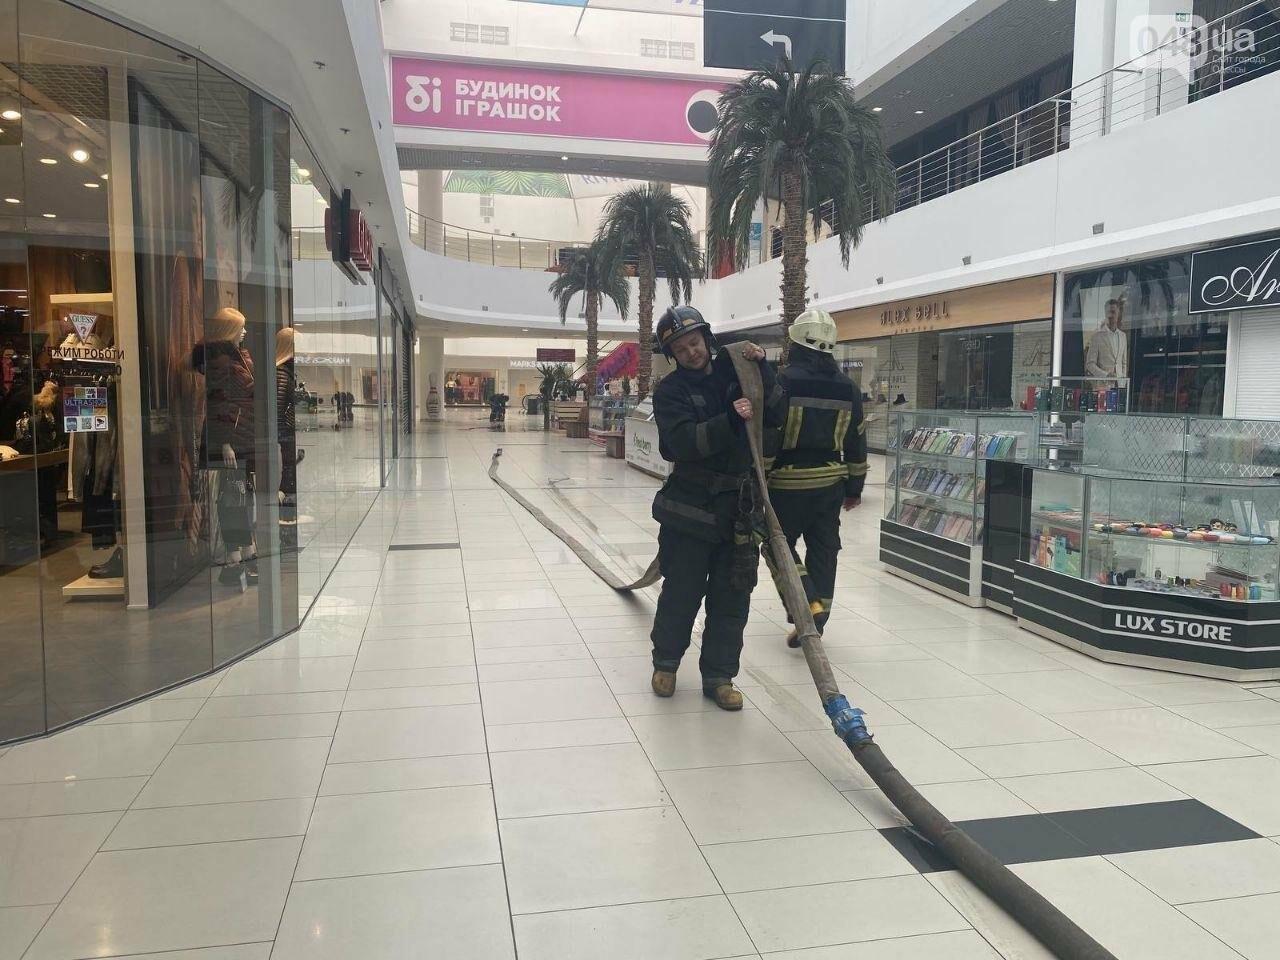 В Одессе из торгового центра эвакуировали людей, - ФОТО, фото-2